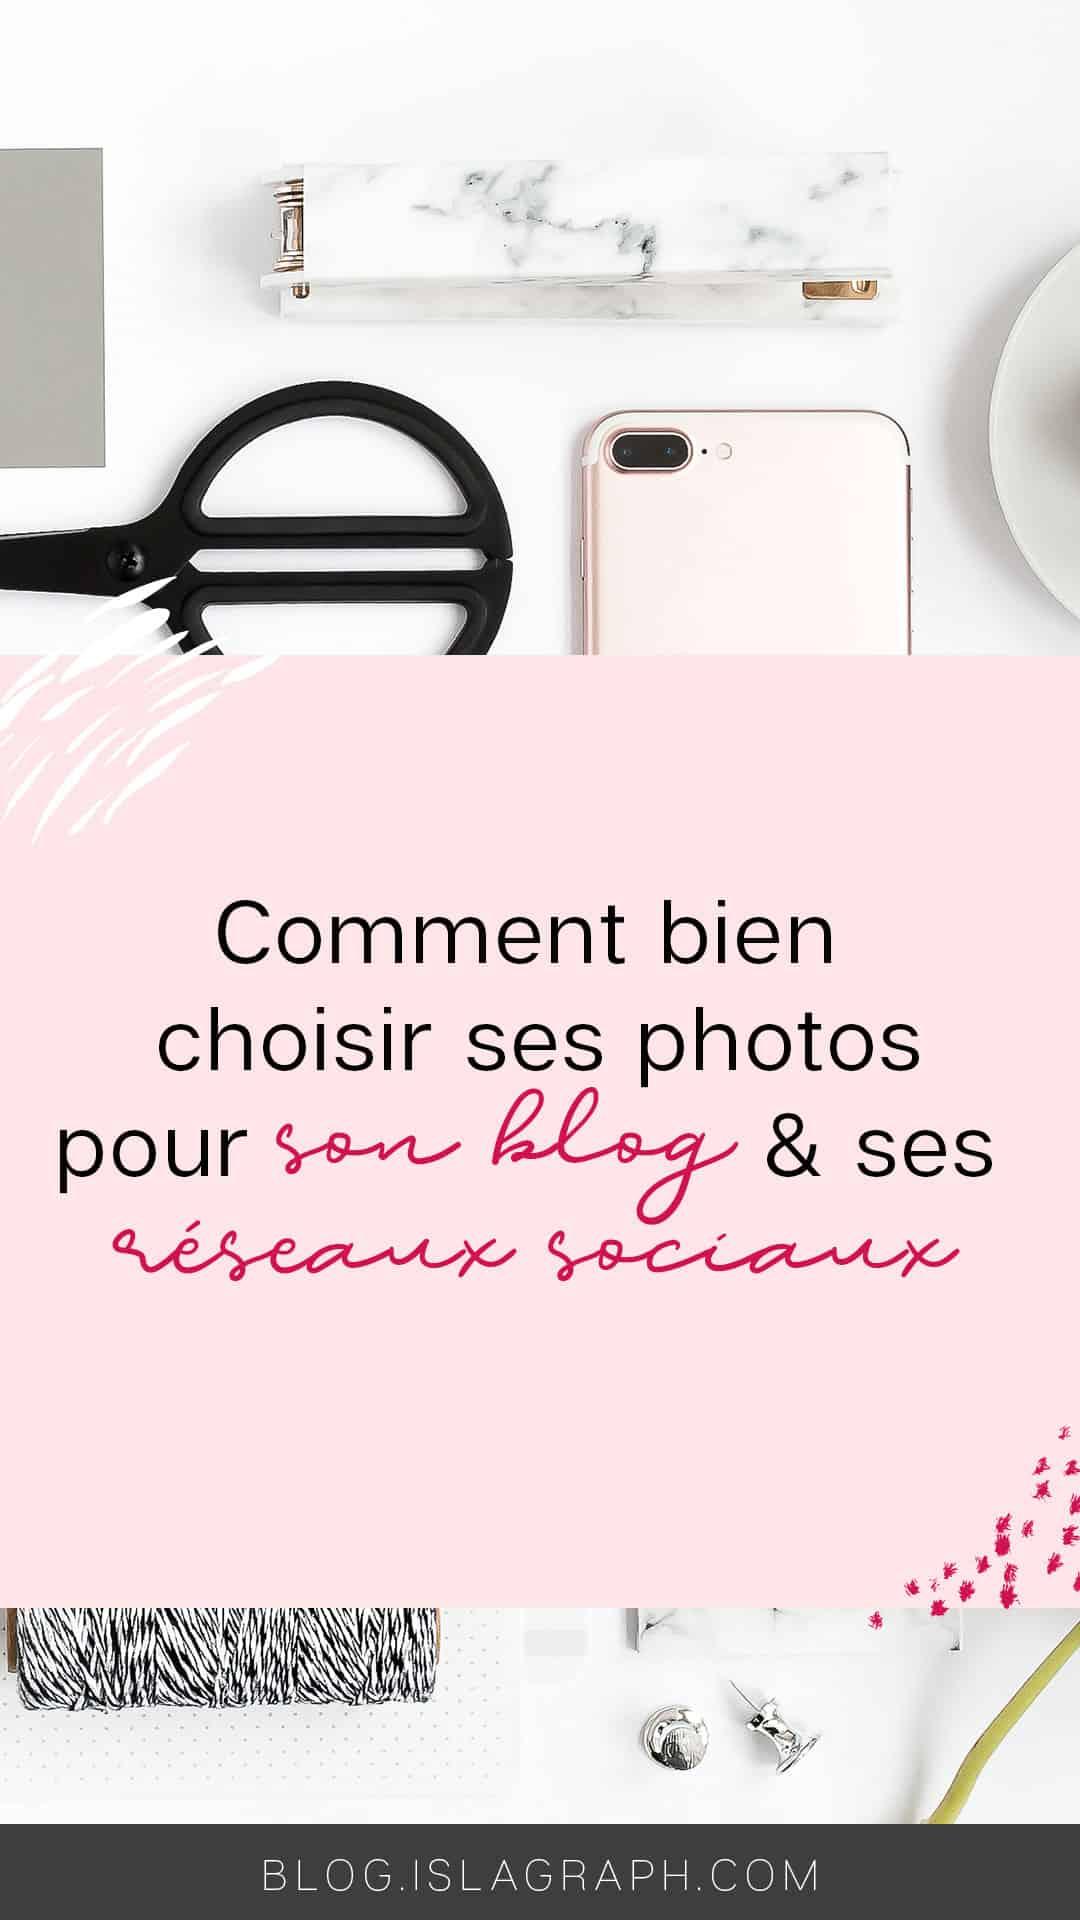 Les photos que tu vas utiliser sur ton blog ou sur tes réseaux sociaux doivent correspondre à ton identité visuelle. Je t'explique comment choisir tes photos et où les trouver. #bloggingtips #blogging